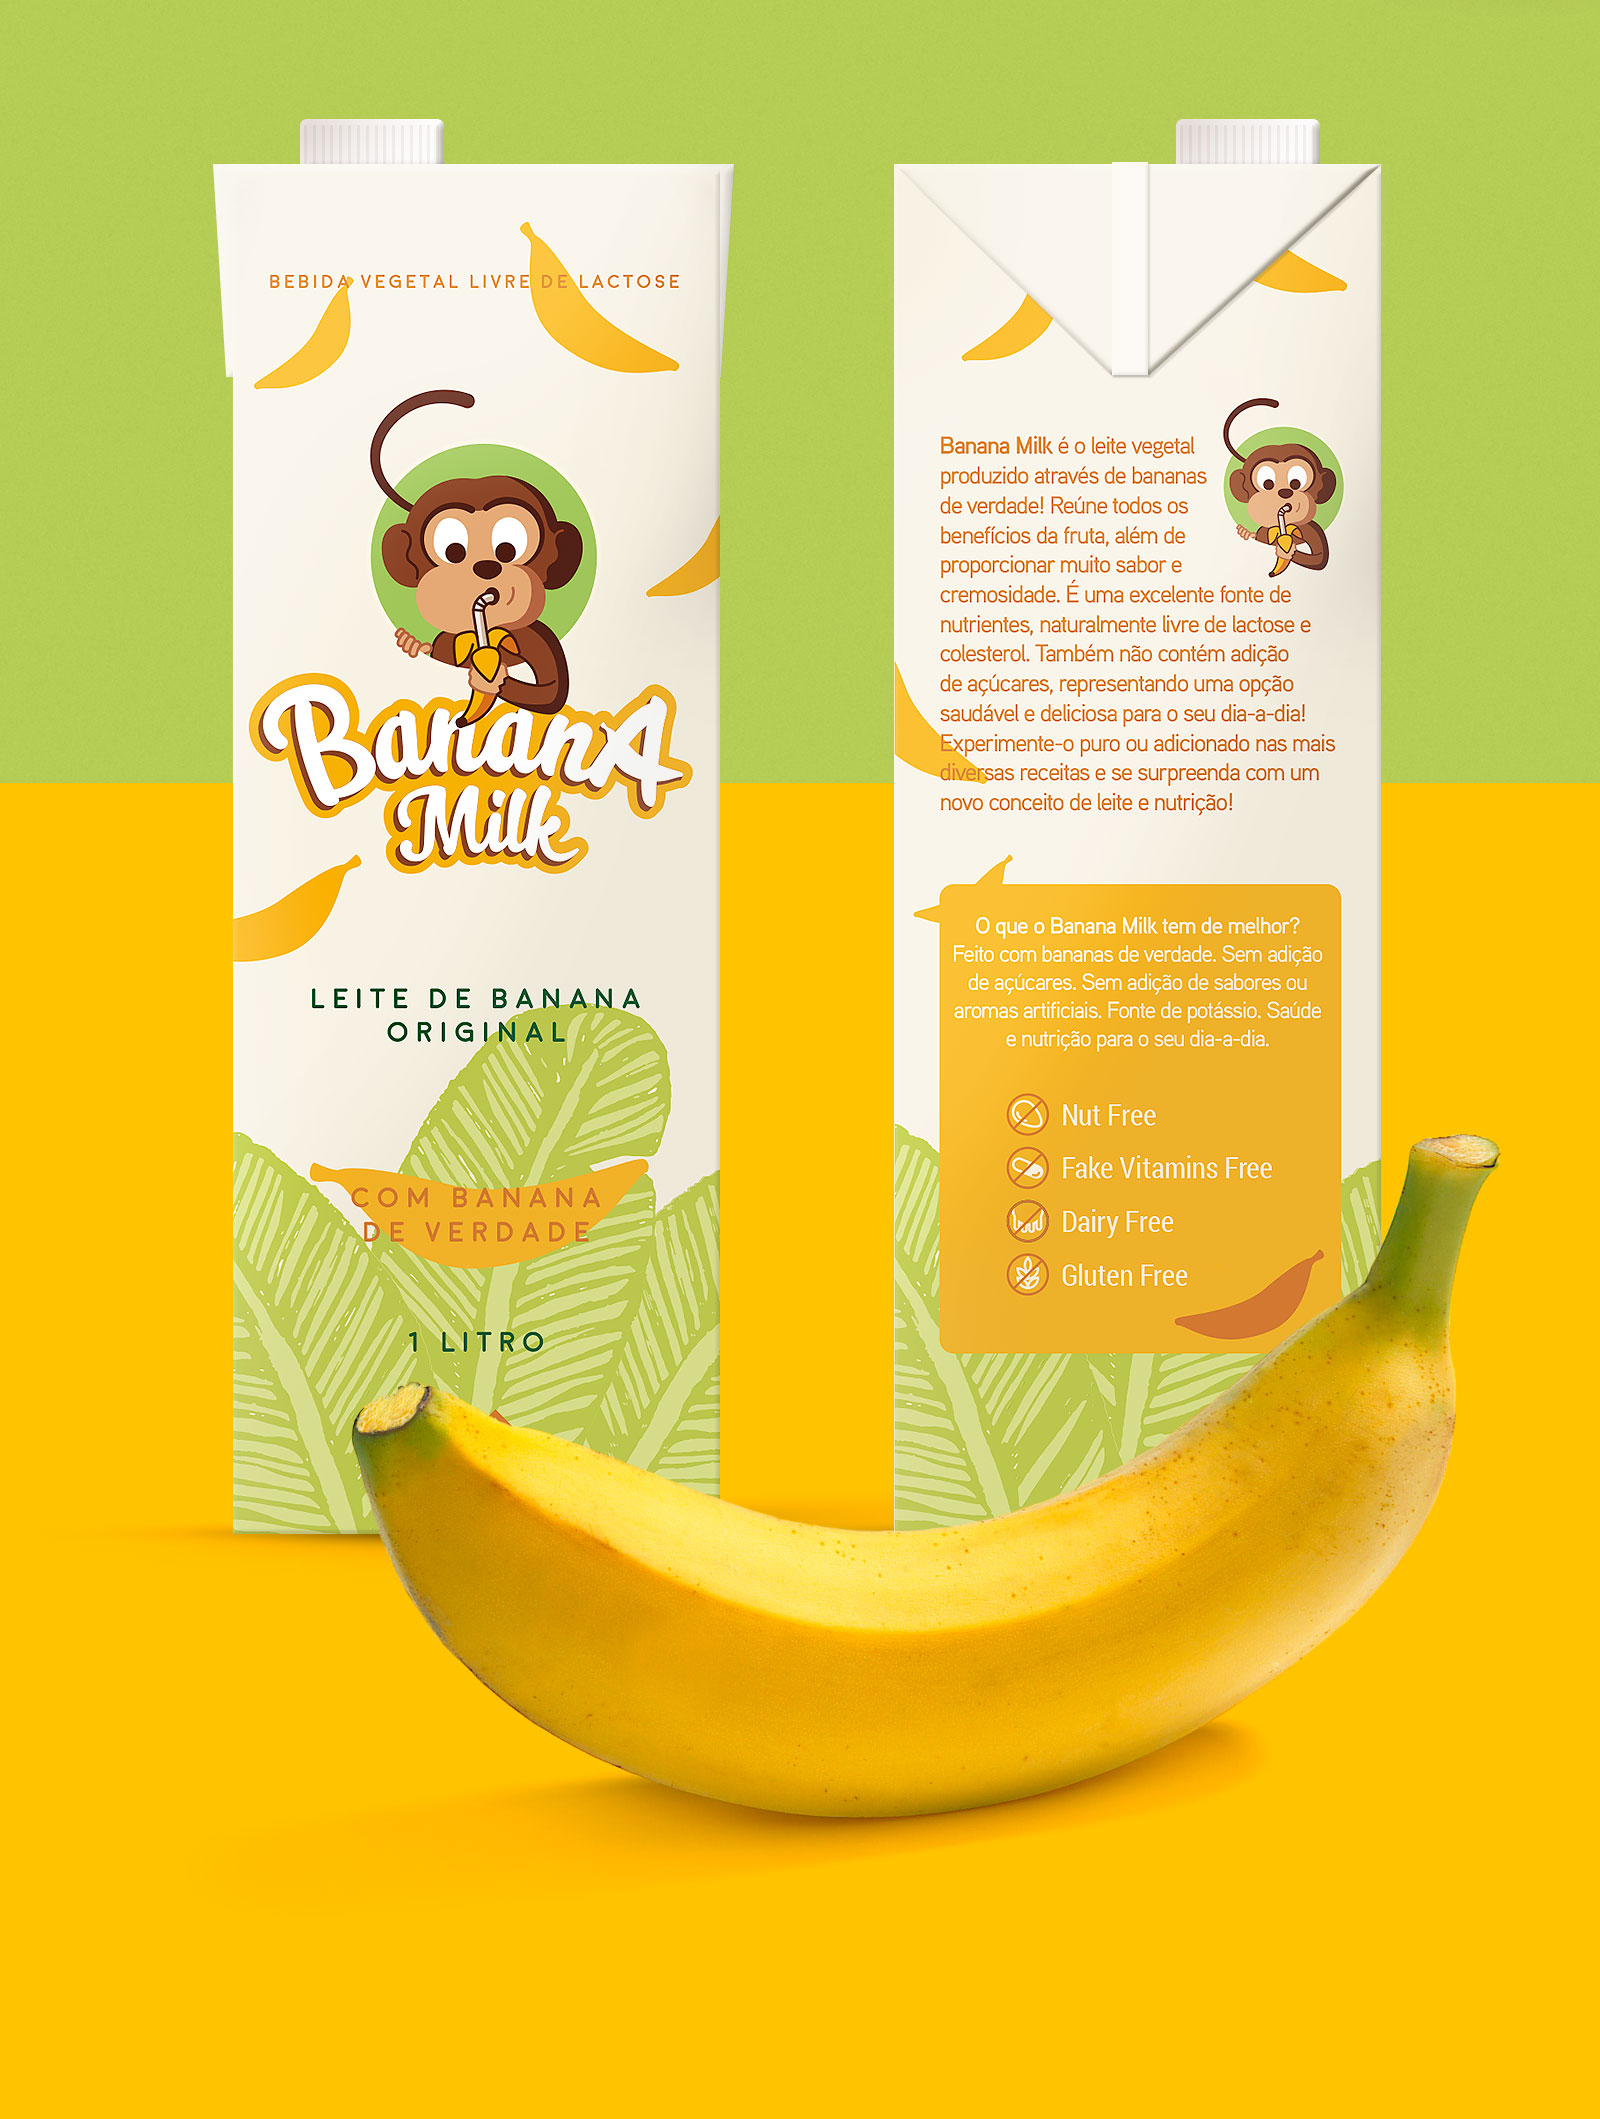 Embalagem tetra pak para leite de banana - Banana Milk